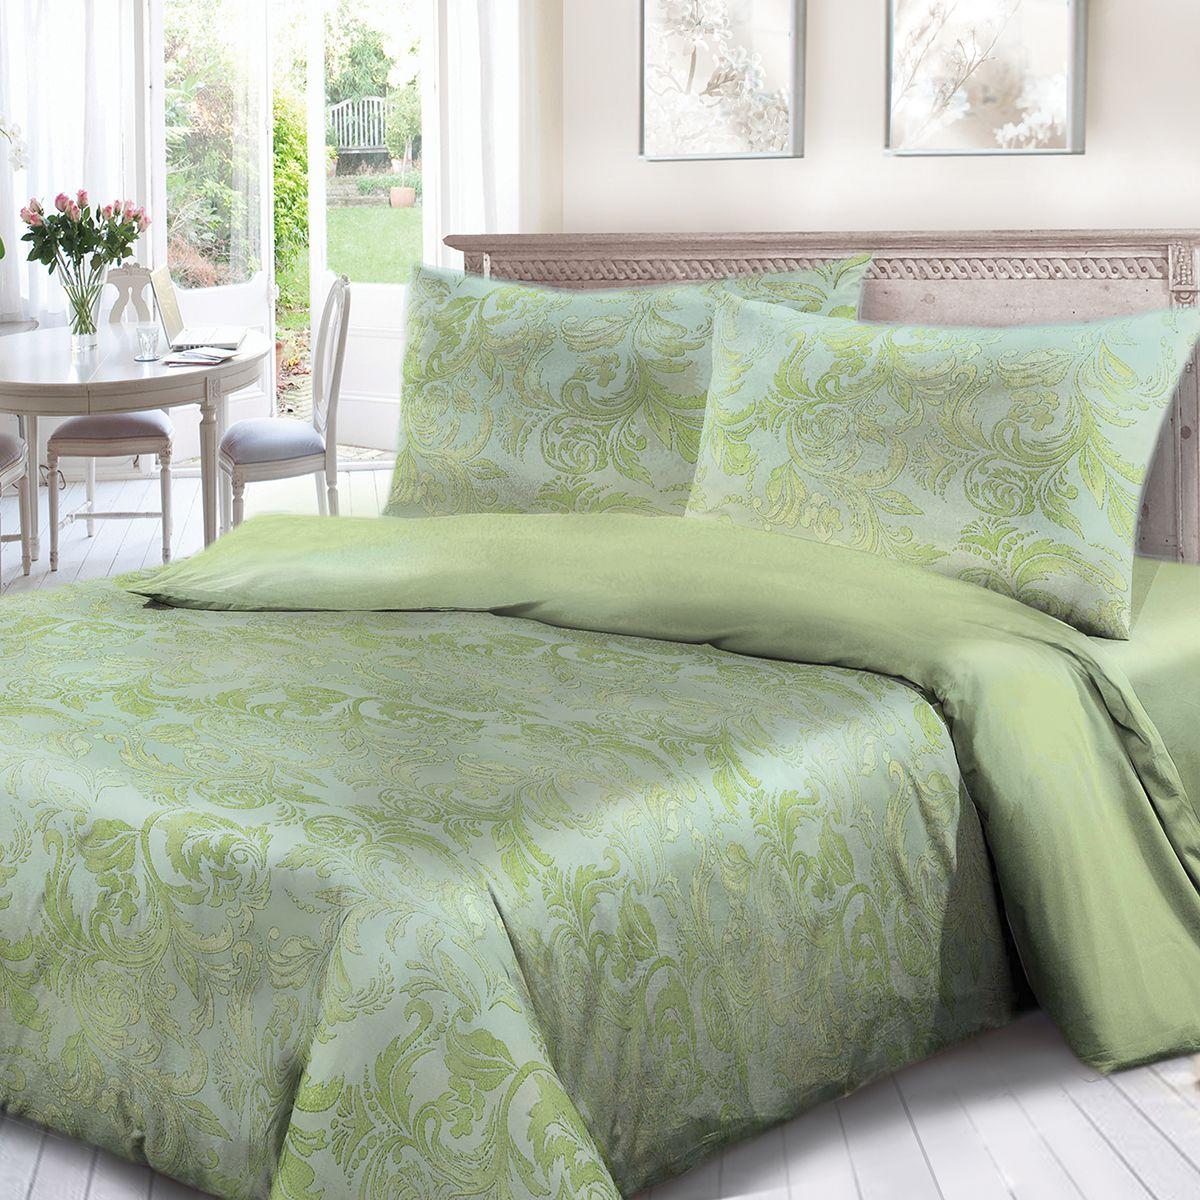 Комплект белья Сорренто Мажор, 1,5 спальное, наволочки 70x70, цвет: зеленый. 3963-287888